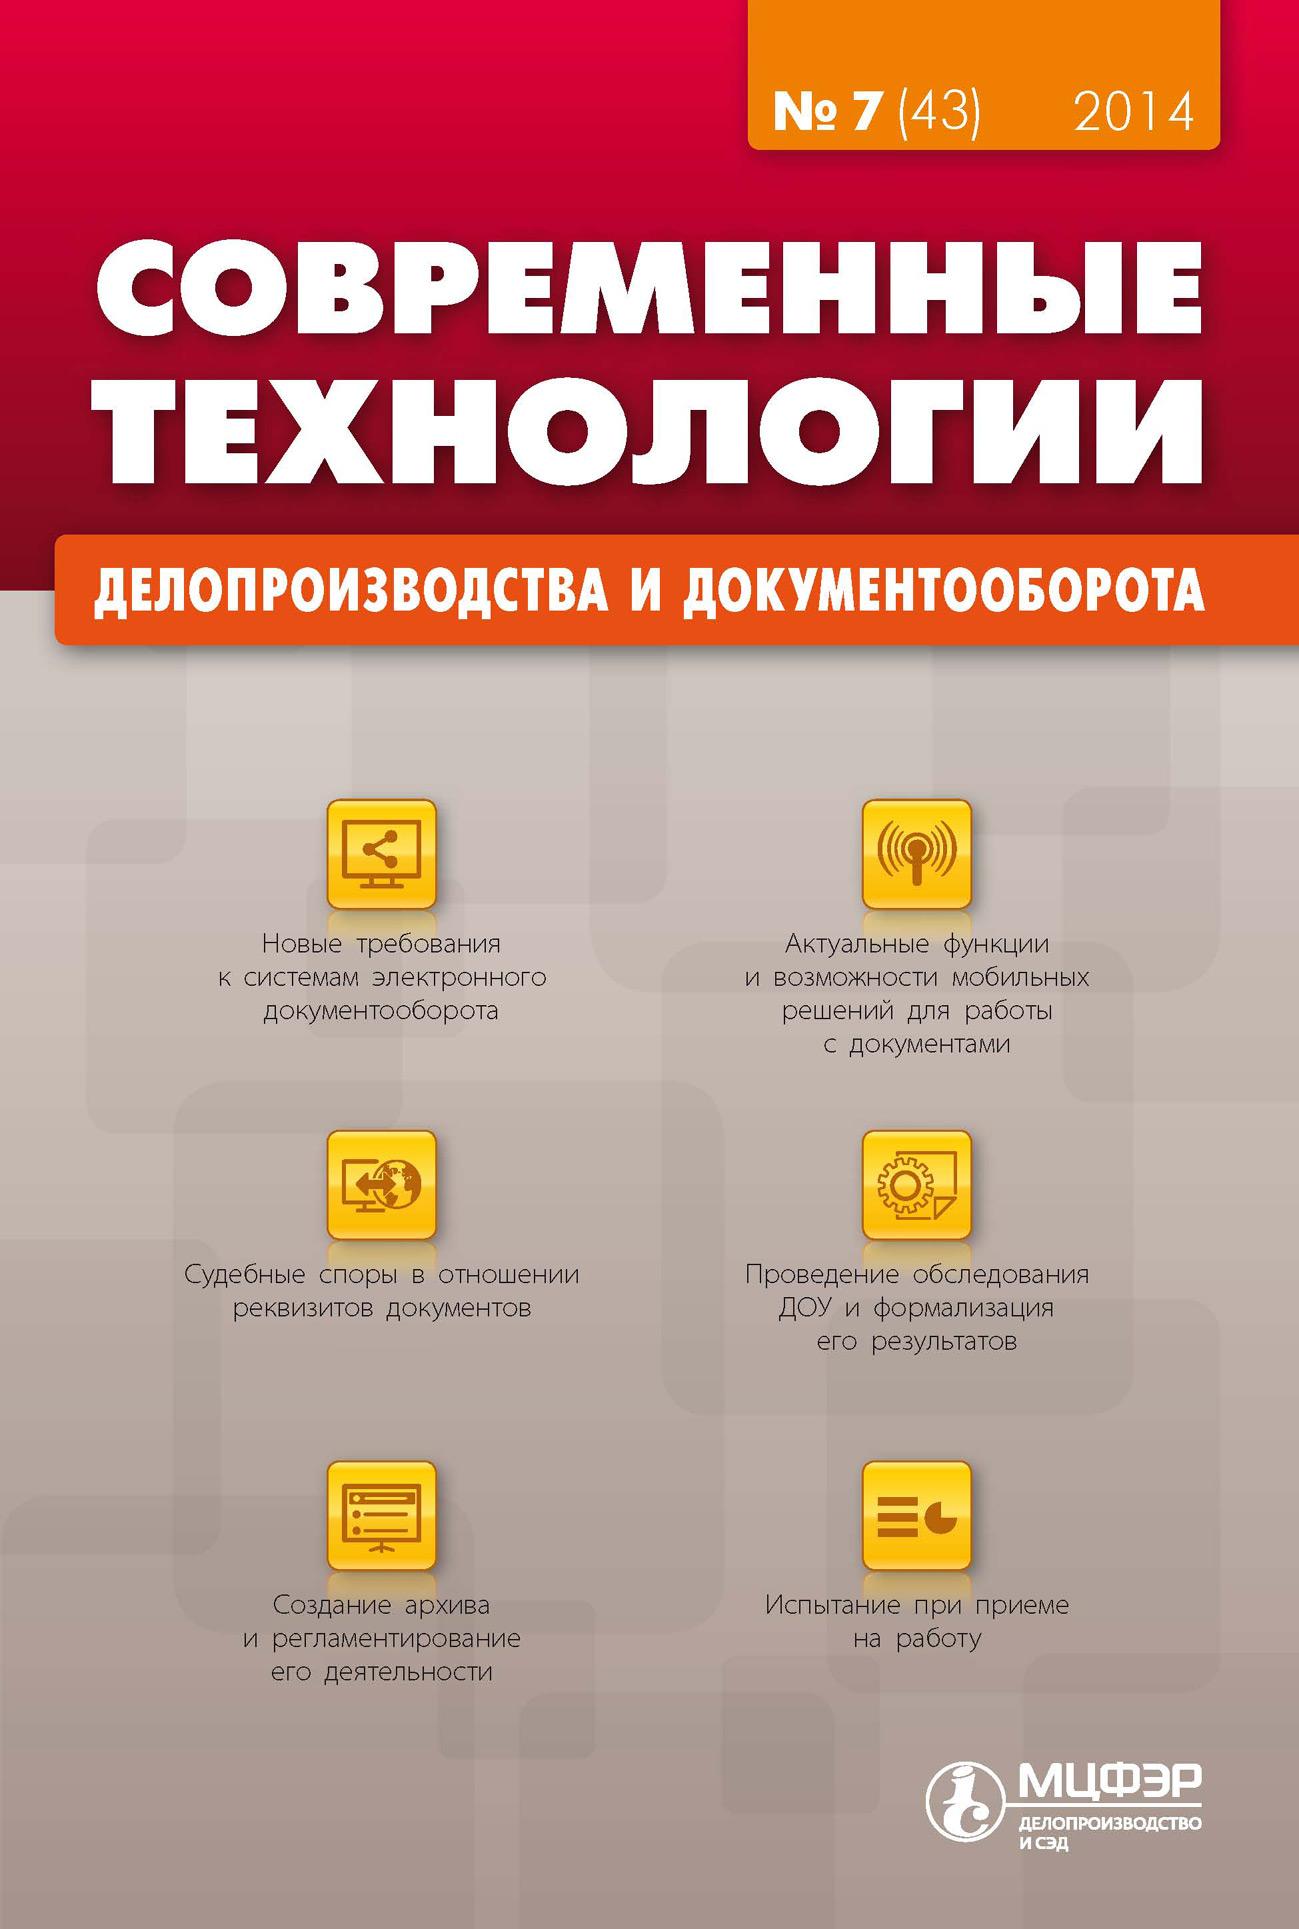 Отсутствует Современные технологии делопроизводства и документооборота № 7 43 2014